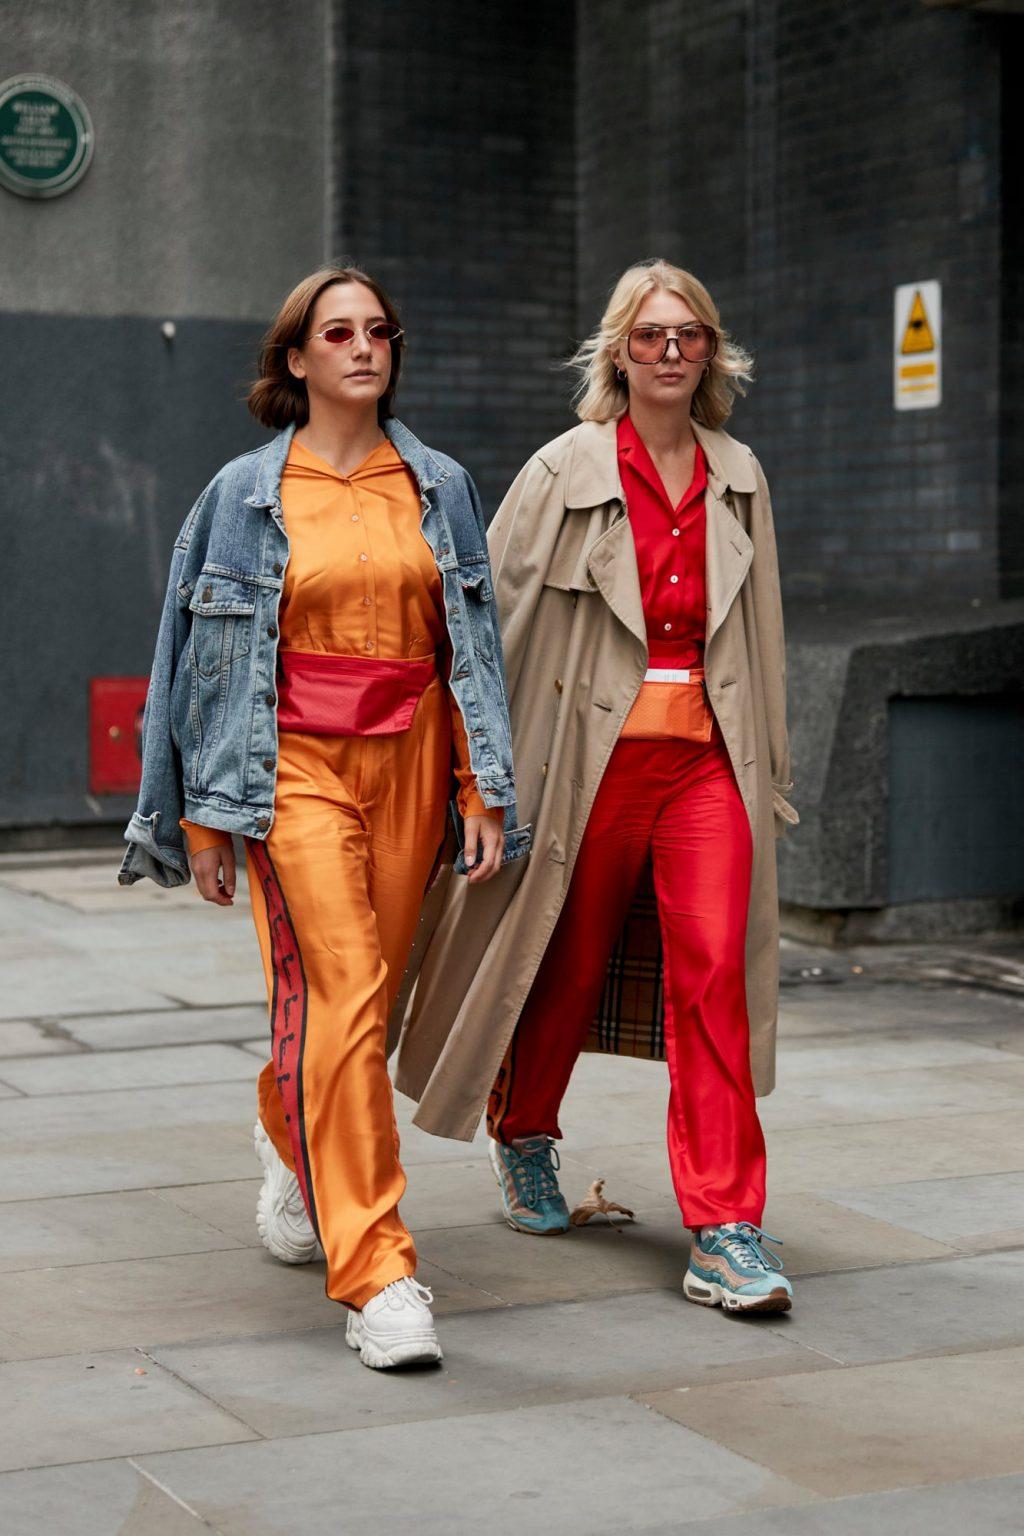 tuần lễ thời trang London 2019  23